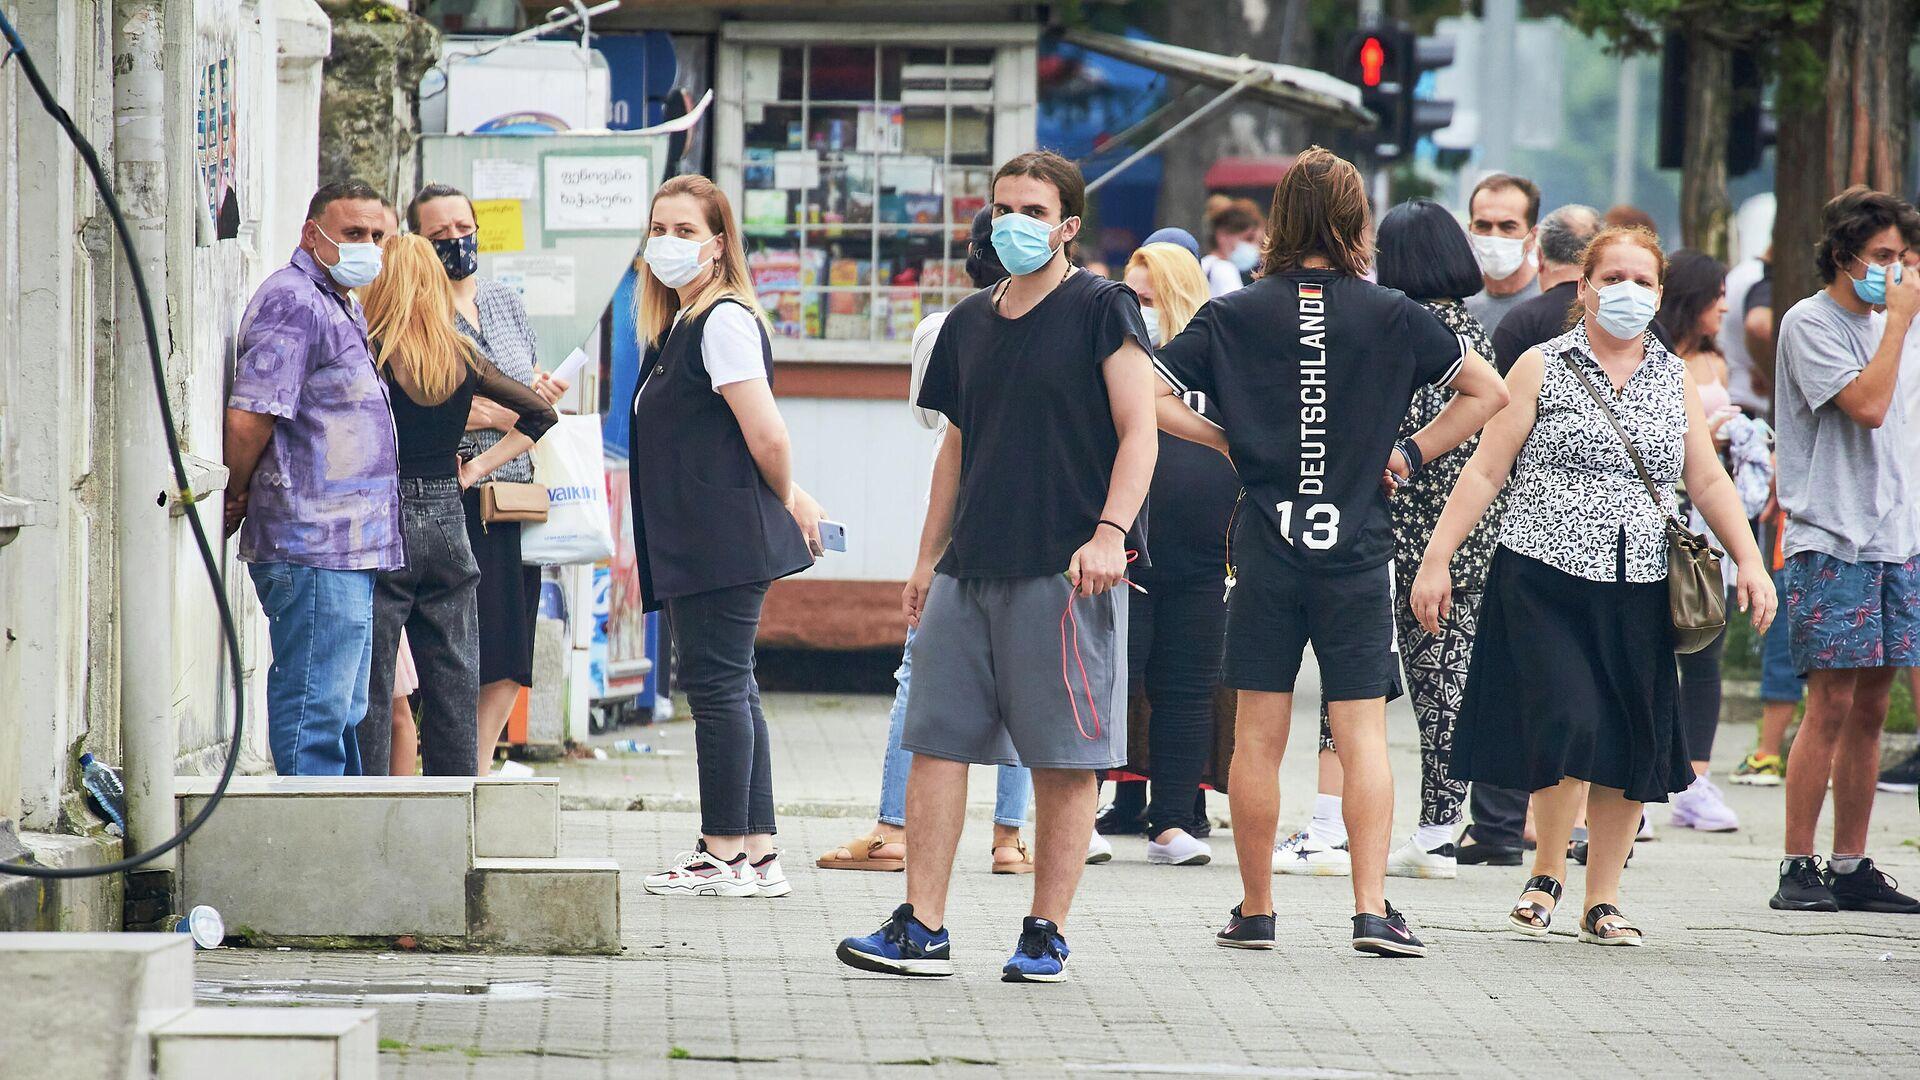 Эпидемия коронавируса - ПЦР тестирование, жители ждут в очереди в масках - Sputnik Грузия, 1920, 04.09.2021